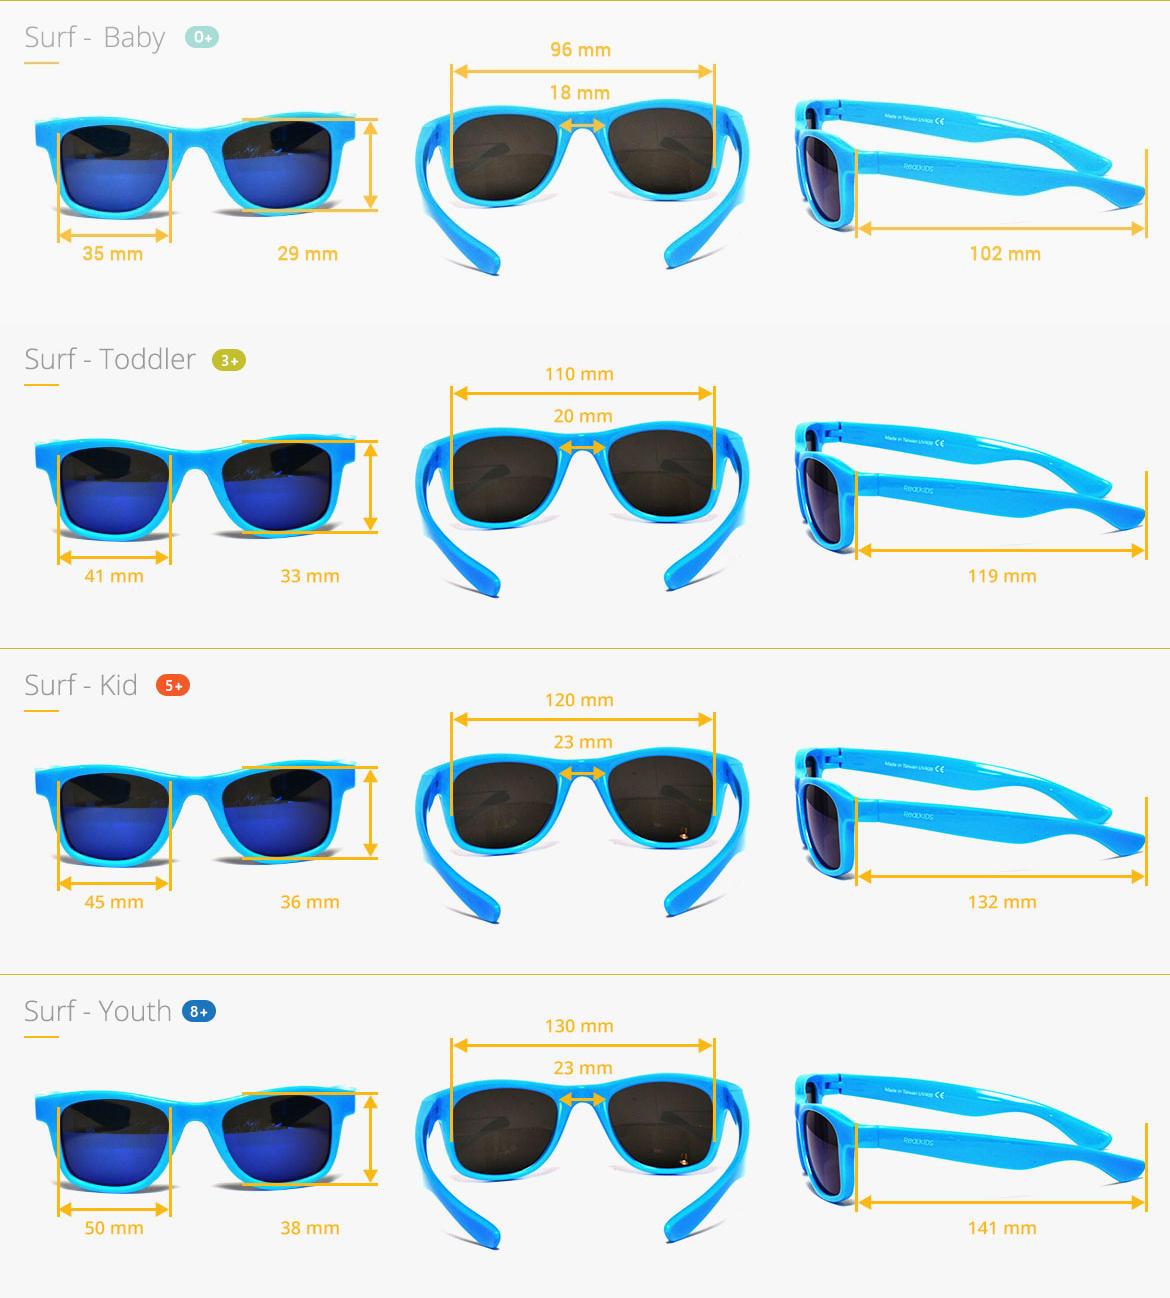 Rozmiary okularów przeciwsłonecznych dla dzieci Real Shades Surf